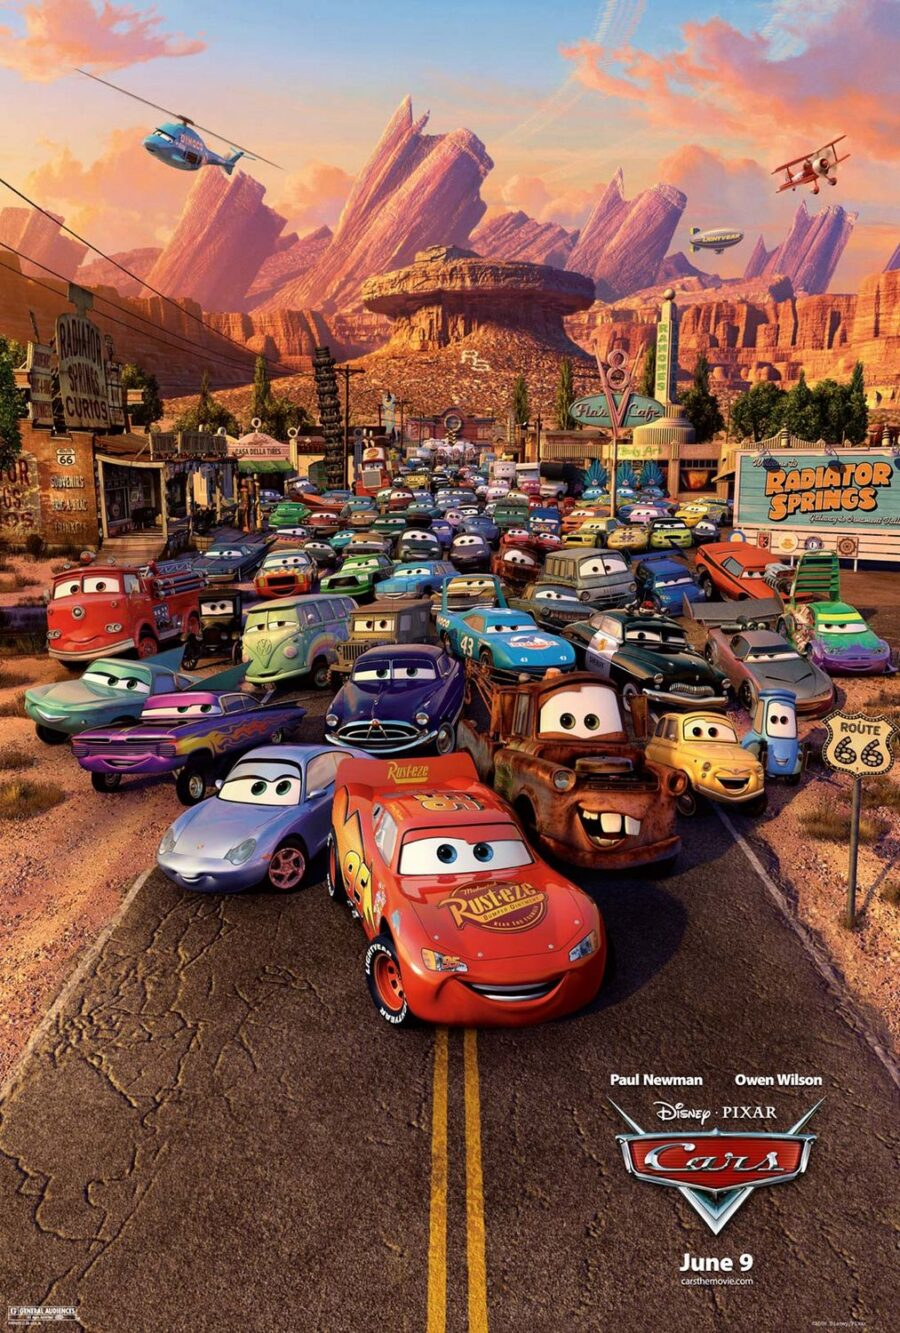 Pixar's worst movies